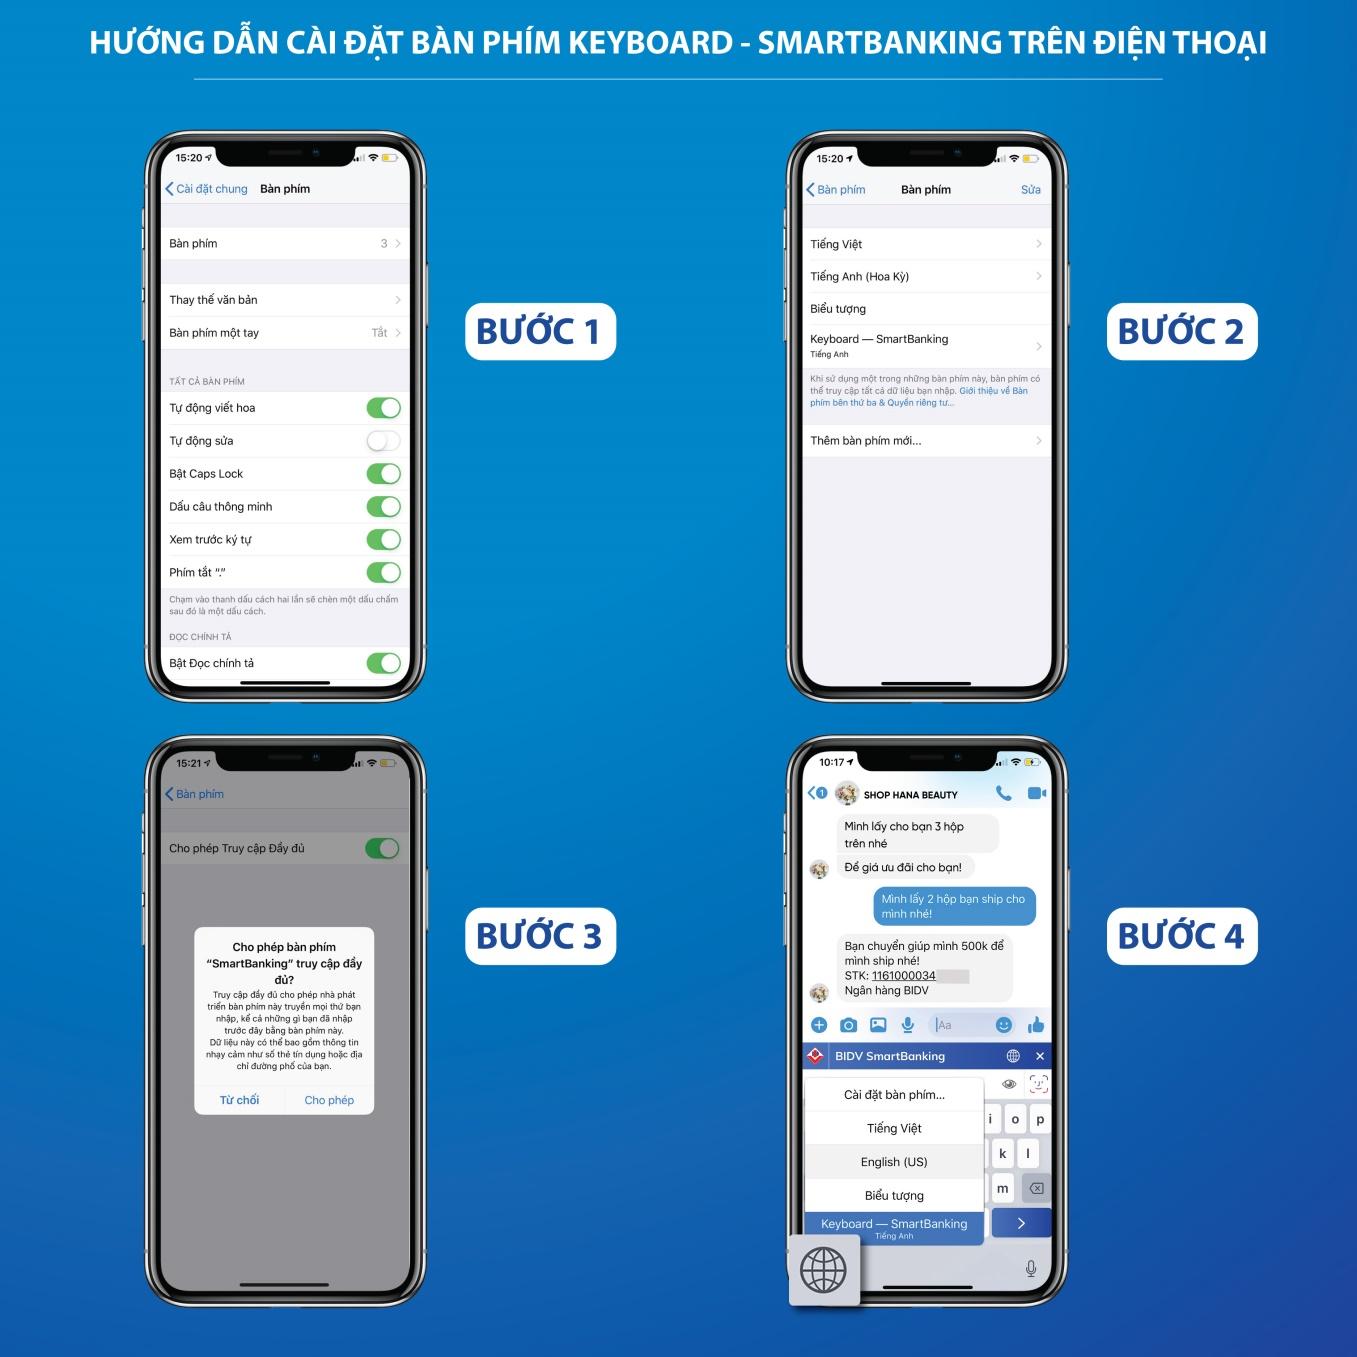 Ngân hàng Việt đầu tiên hỗ trợ giao dịch ngay trên ứng dụng chat - Ảnh 3